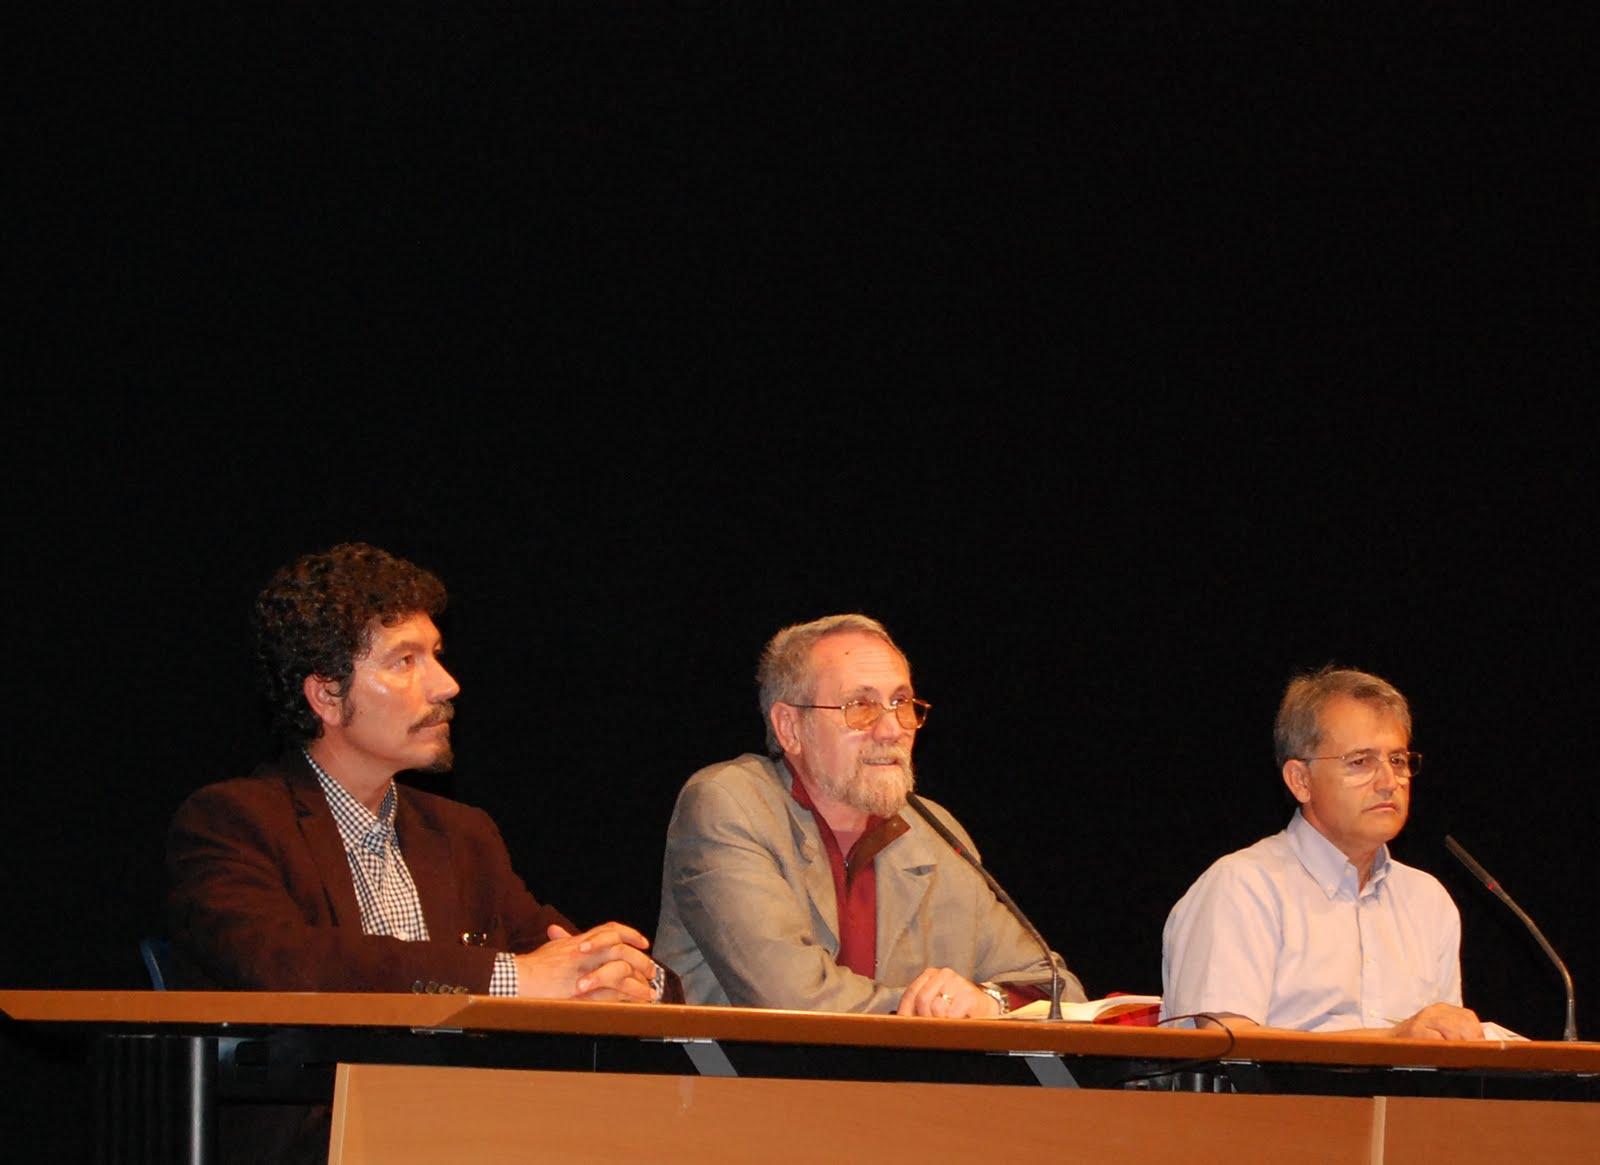 Presentación espuma_  Pedro A. Glez. Moreno. Manuel López Azorín y José Alberto Clemente.